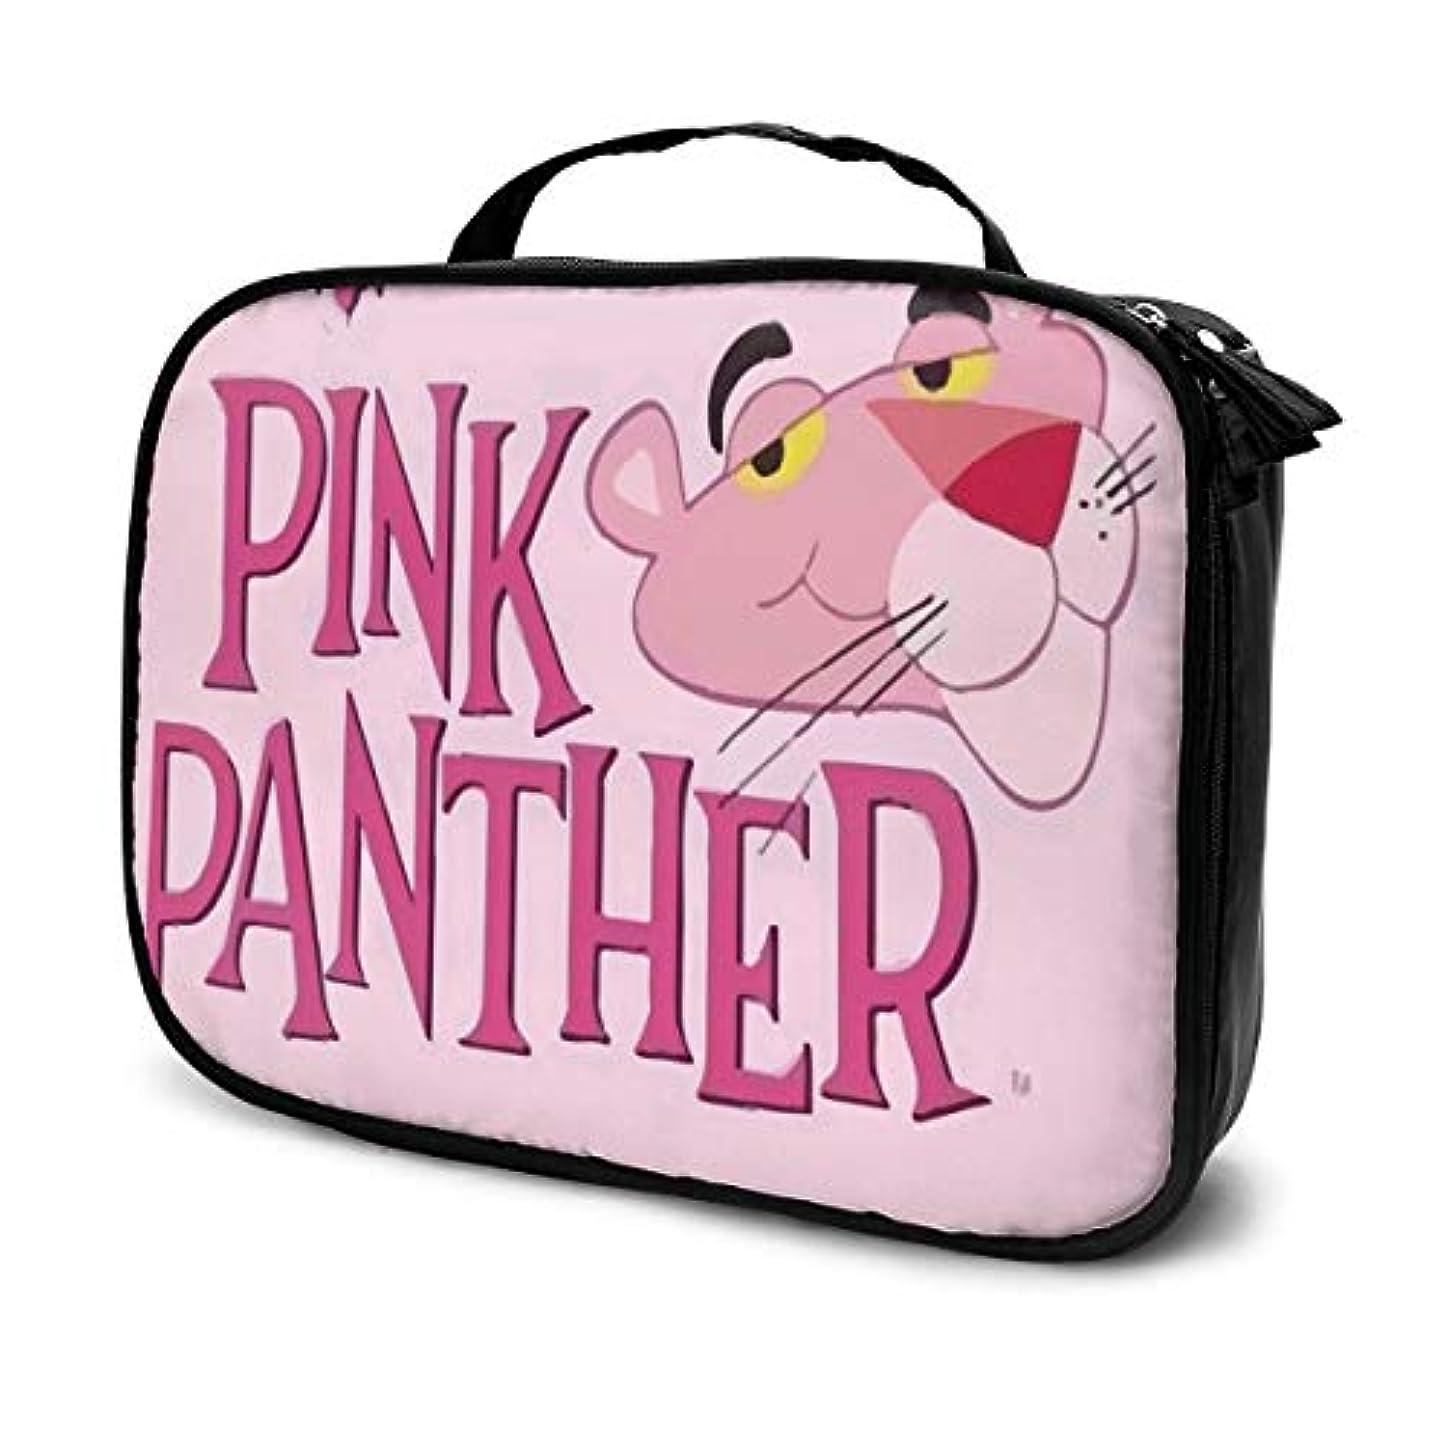 センサー反響する運動ピンクパンサー 化粧ポーチ 大容量 コンパクト収納 旅行で持ち運びが簡単 おしゃれ 人気